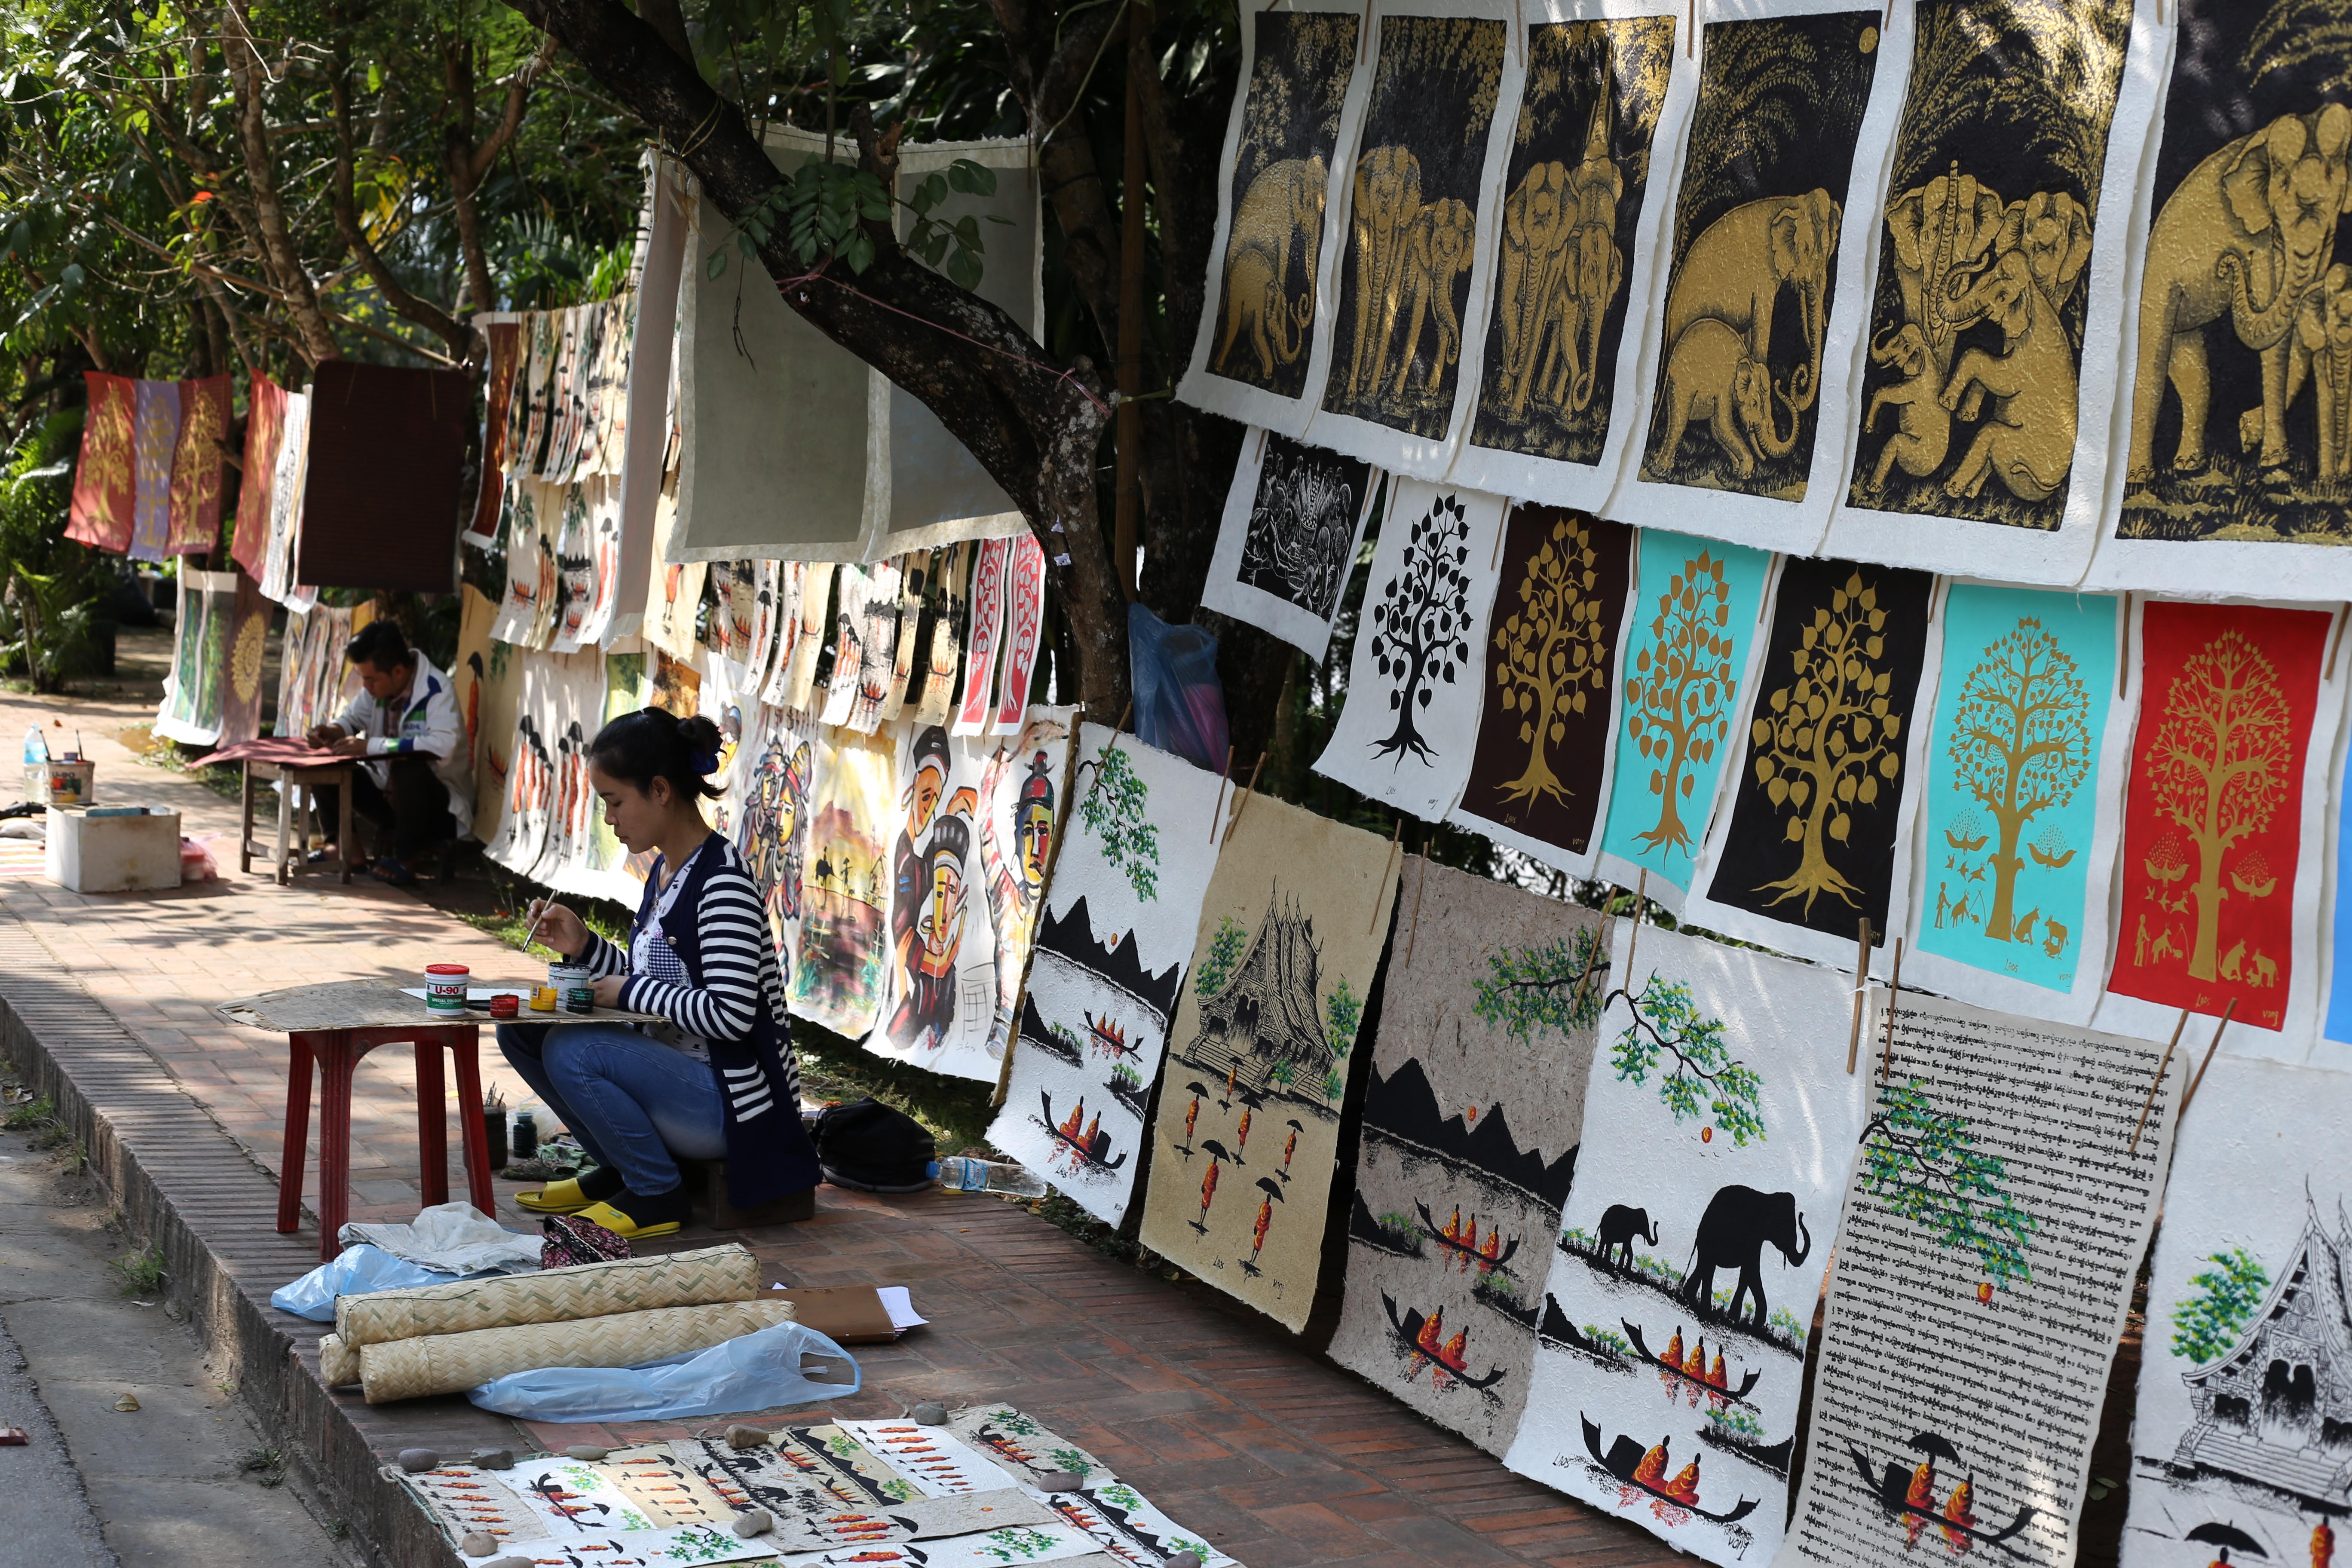 Artistas de rua em Luang Prabang. (Foto: Nathalia Tavolieri / Viagem em Detalhes)